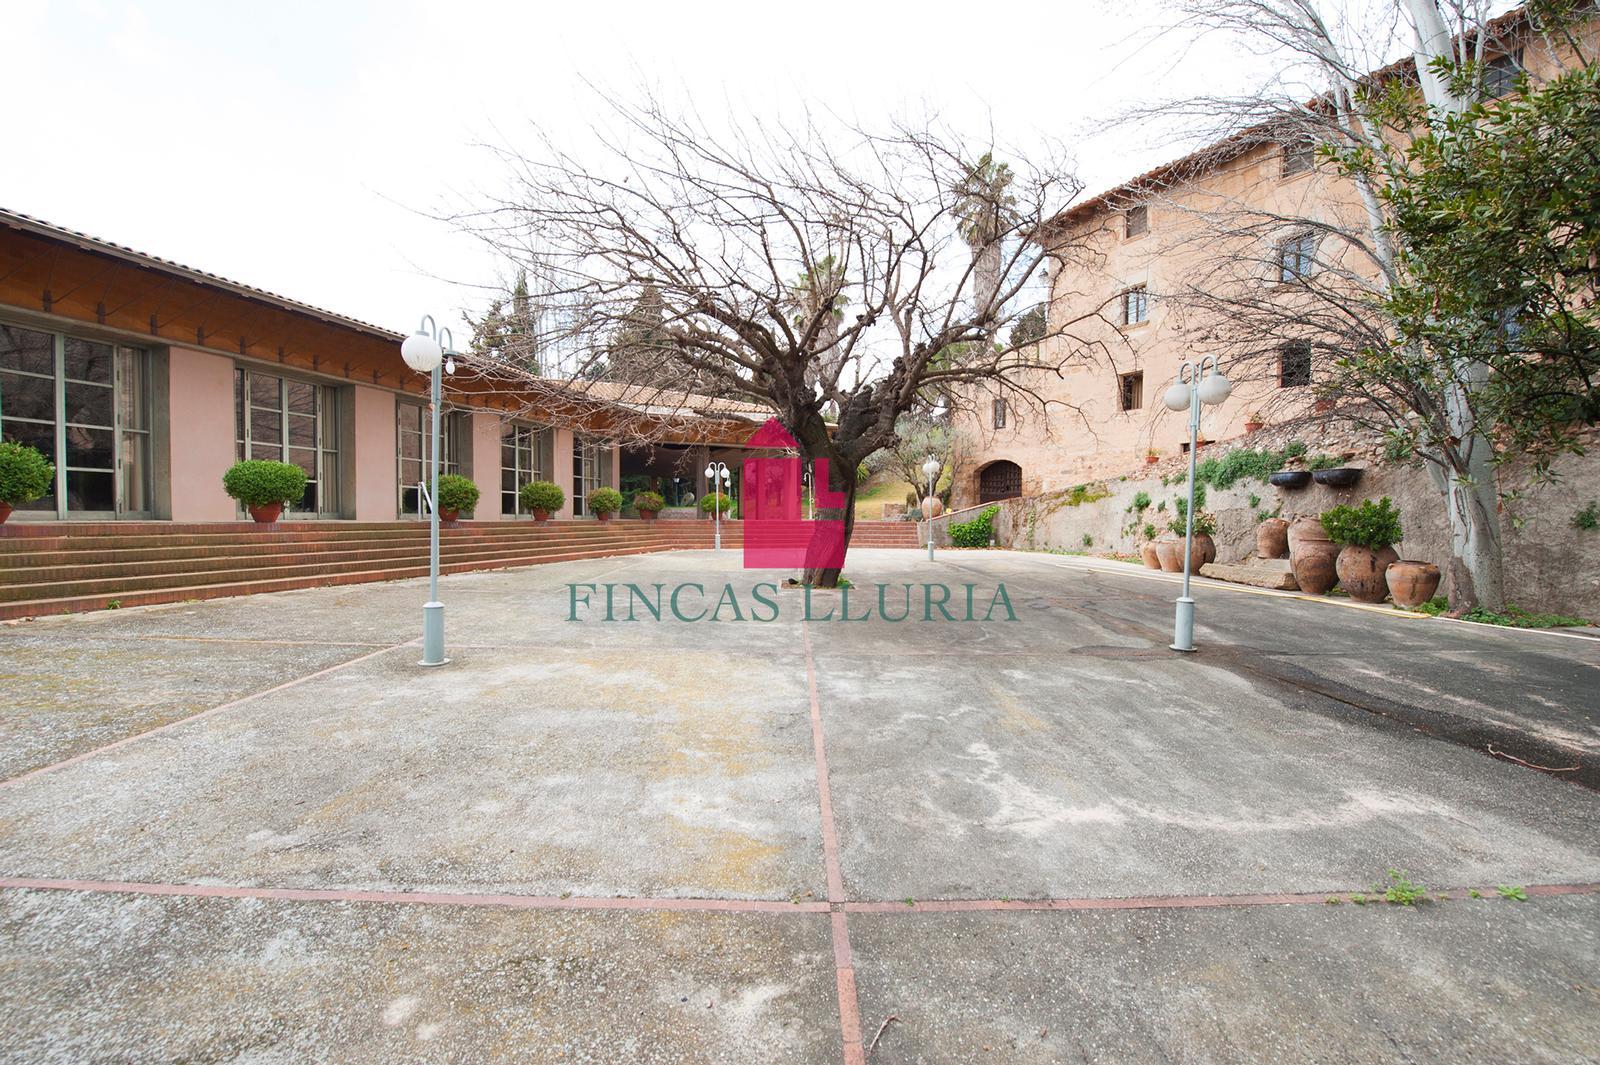 Ref.: 32409 - ESPECTACULAR CASA DE 3 PLANTES A ESPARRAGUERA